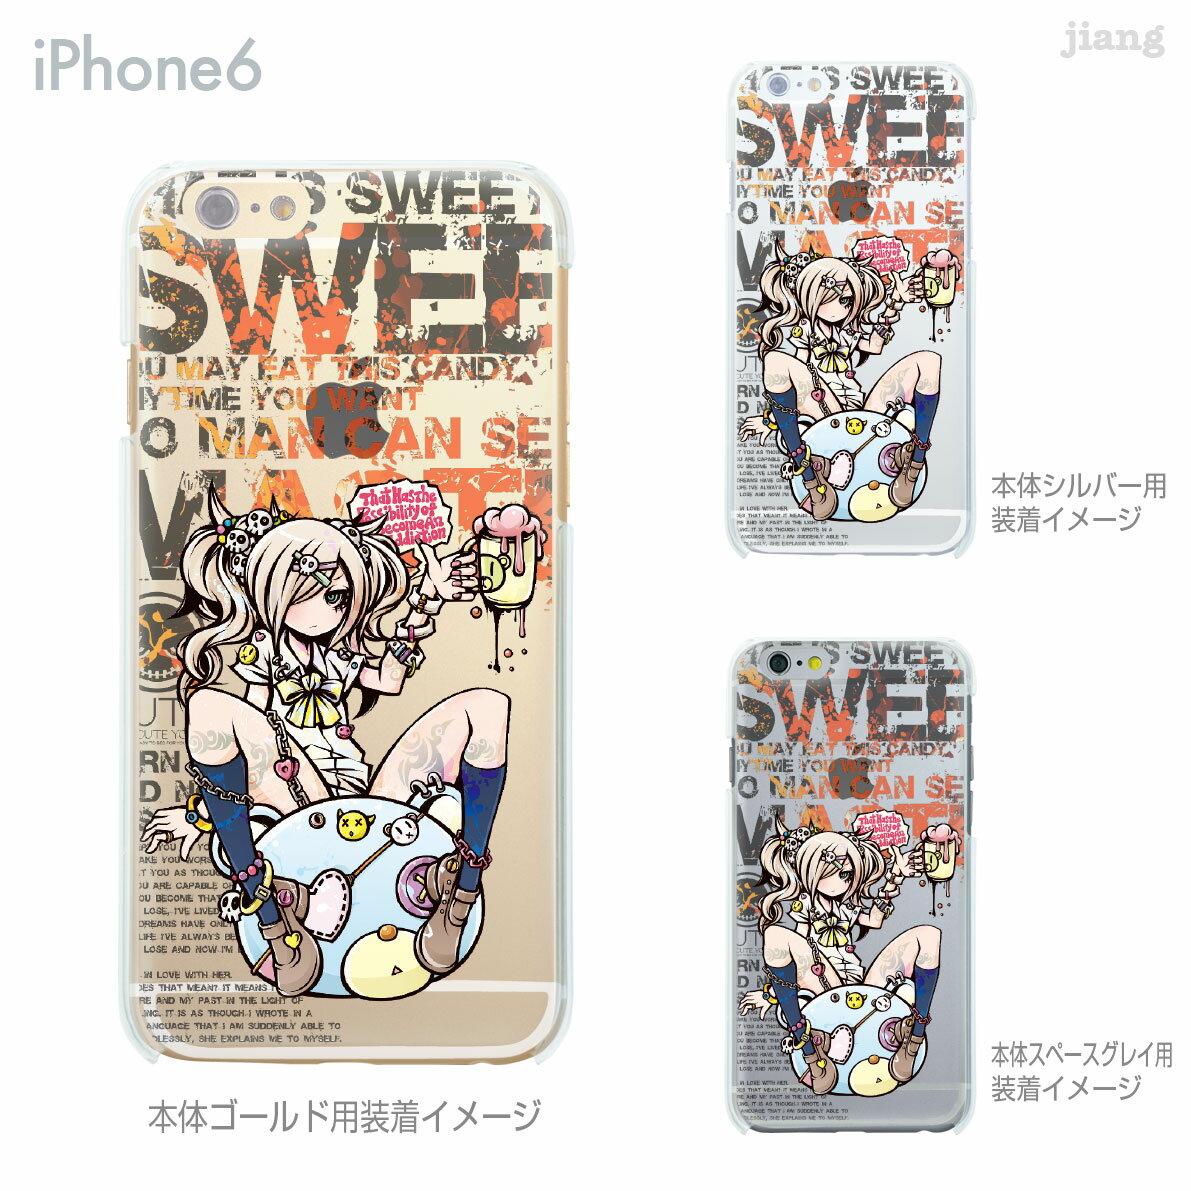 iPhoneX iPhone X ケース iPhone8 iPhone7ケース iPhone7 Plus iPhone6s iPhone6 Plus iphone ハードケース Clear Arts ケース カバー スマホケース クリアケース Project.C.K. Re-LuCKs 11-ip6-ca0007-s